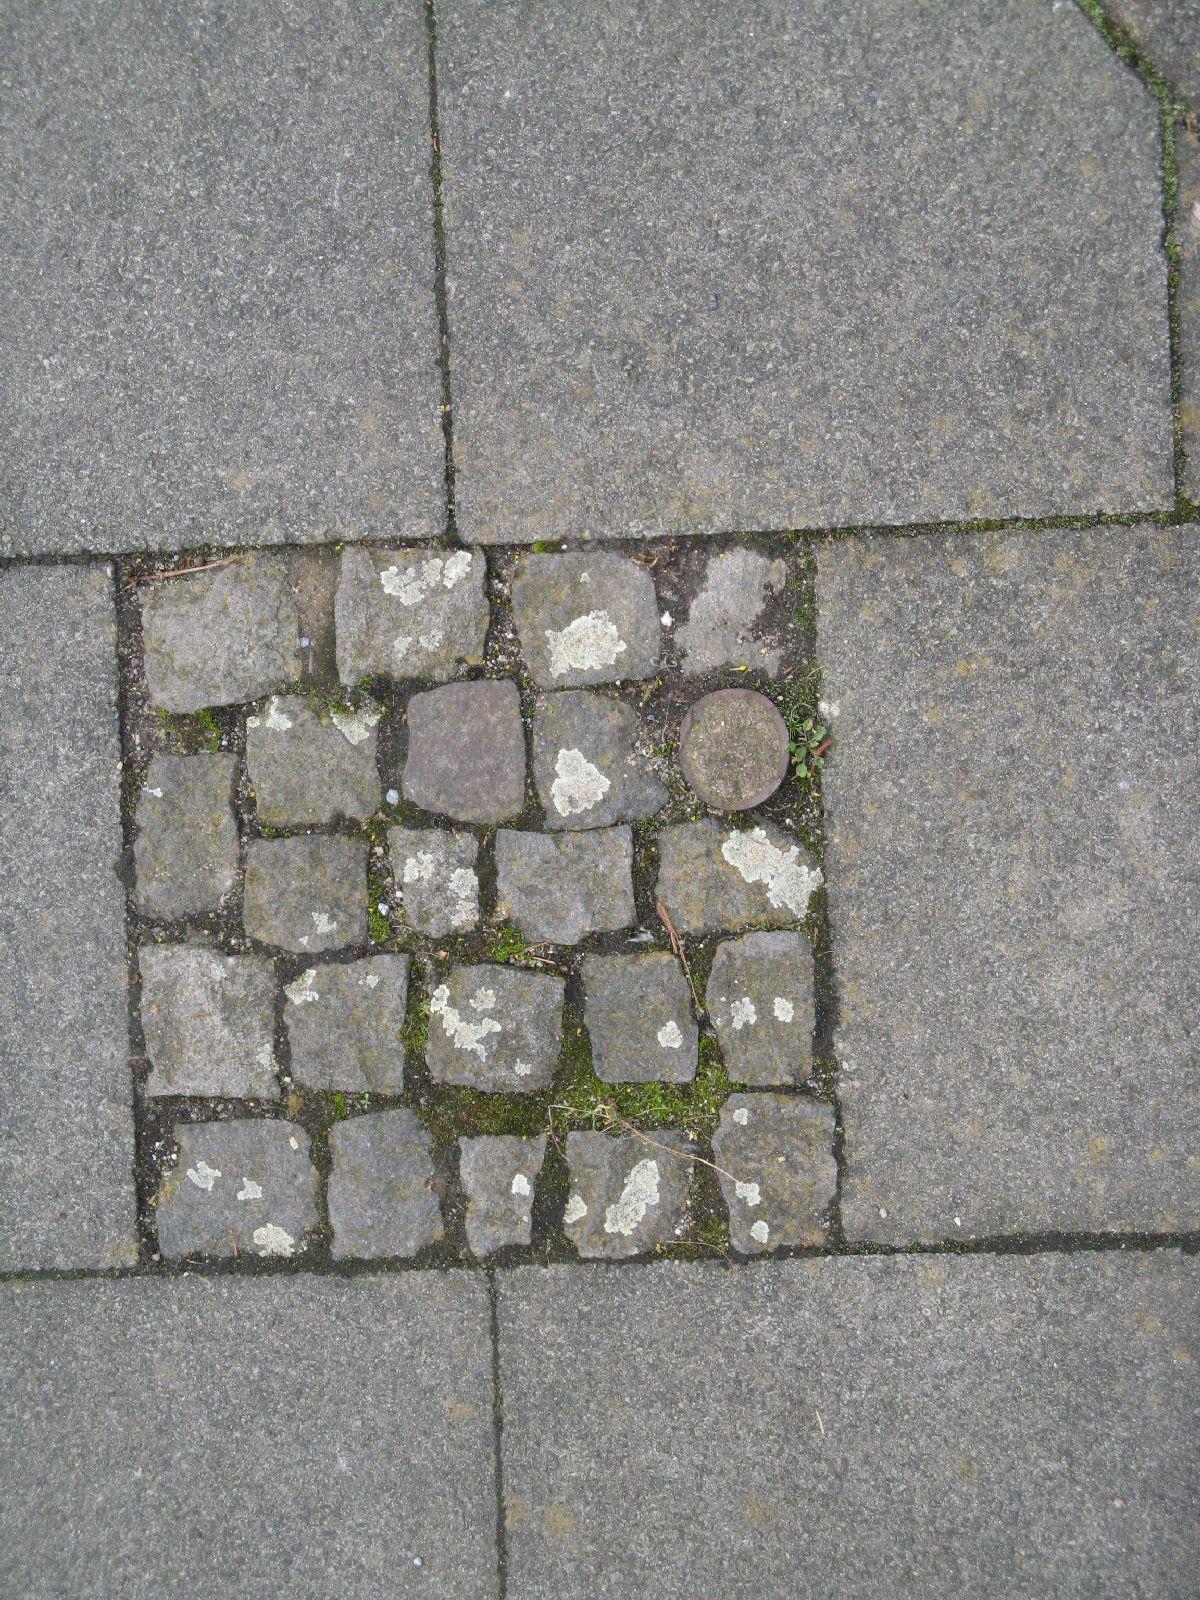 Boden-Gehweg-Strasse-Buergersteig-Textur_B_5580